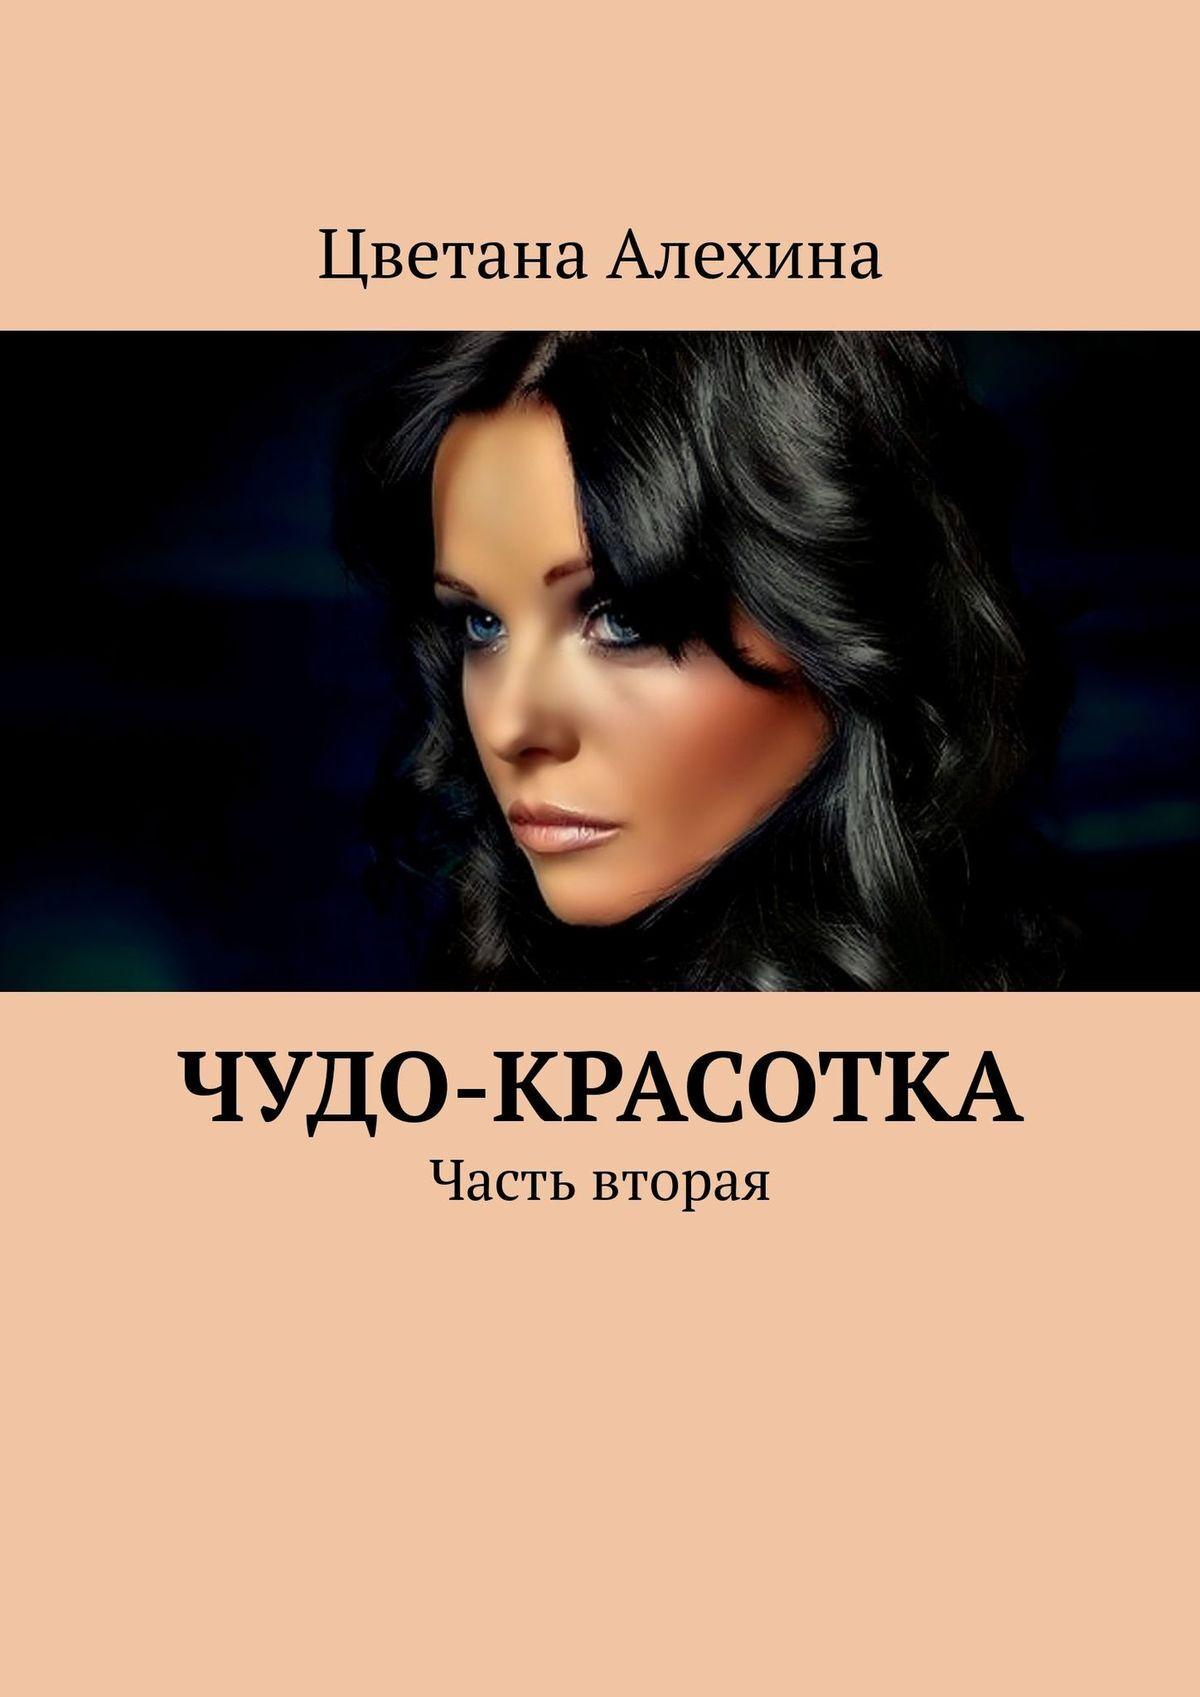 Цветана Сергеевна Алехина Чудо-красотка. Часть вторая цветана алехина чудо красотка